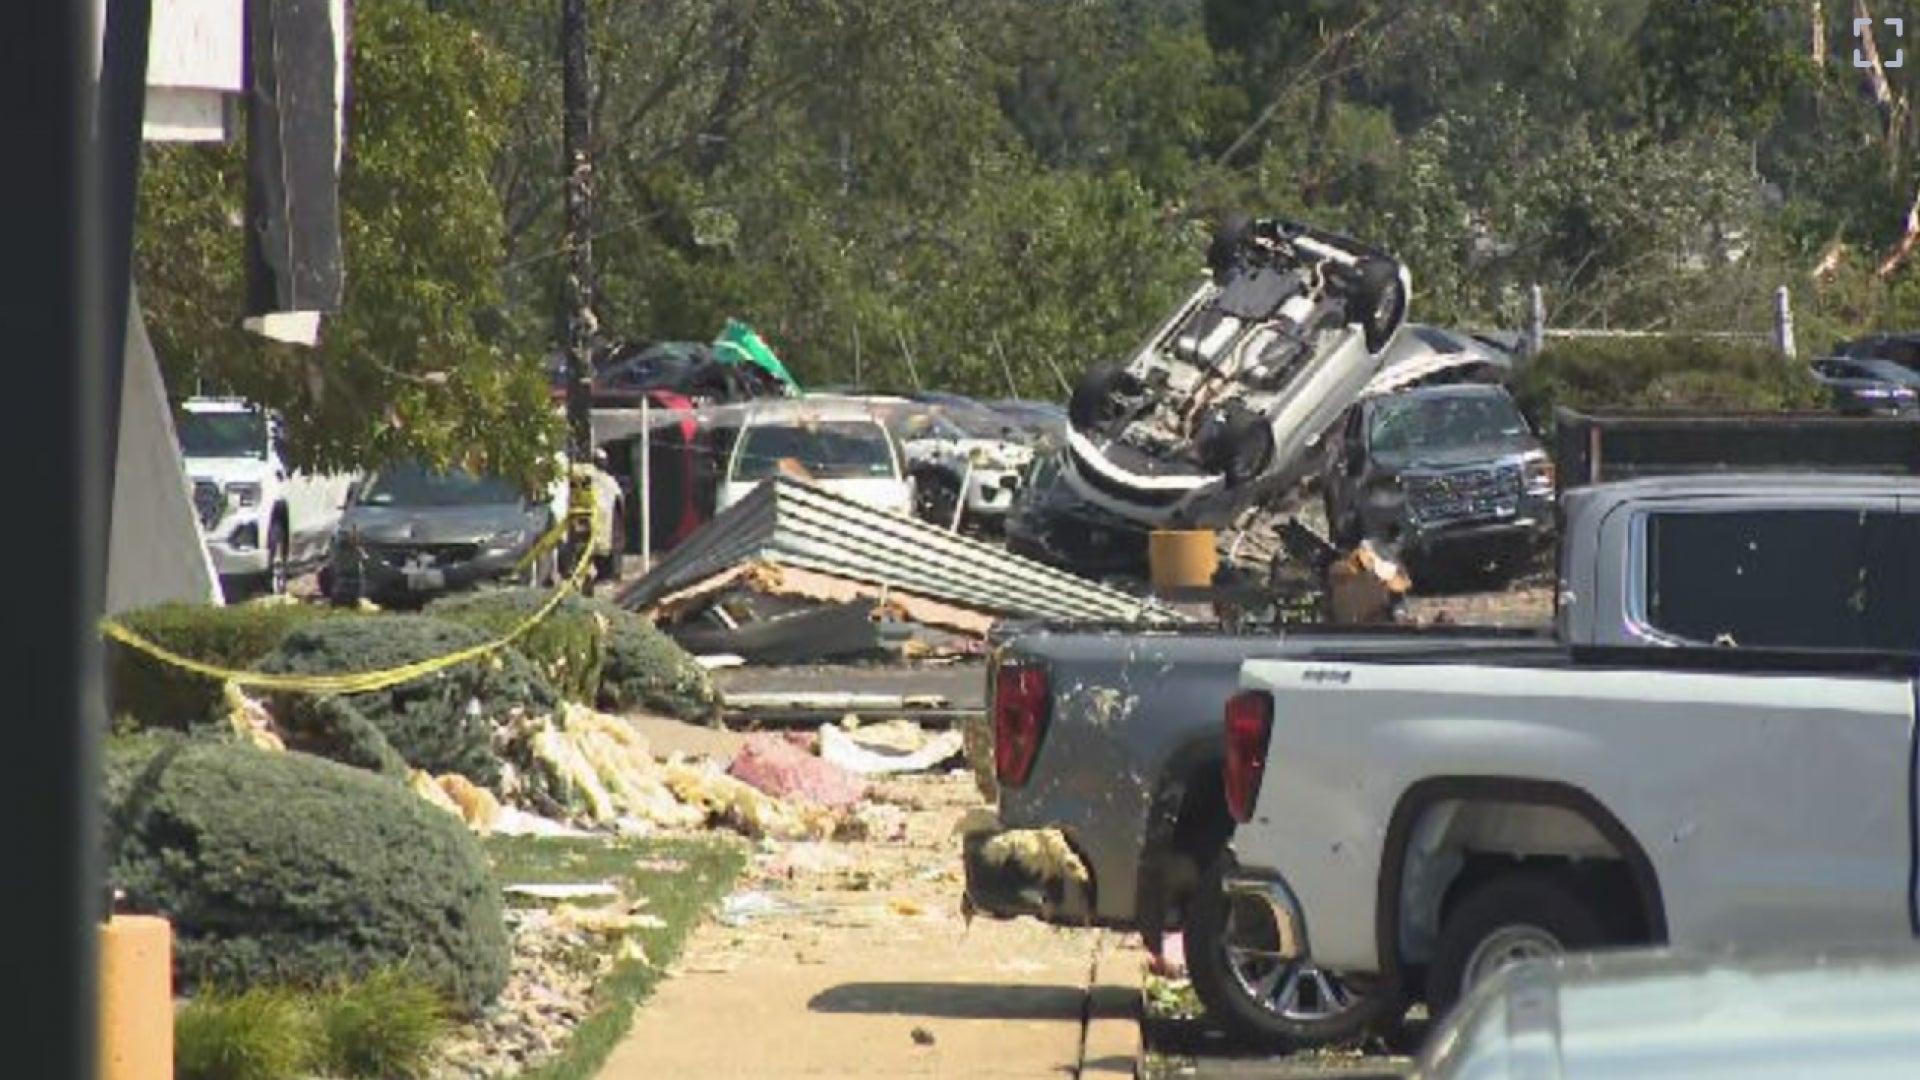 Tornado's Path of Destruction Captured on Camera Inside a Car Dealership